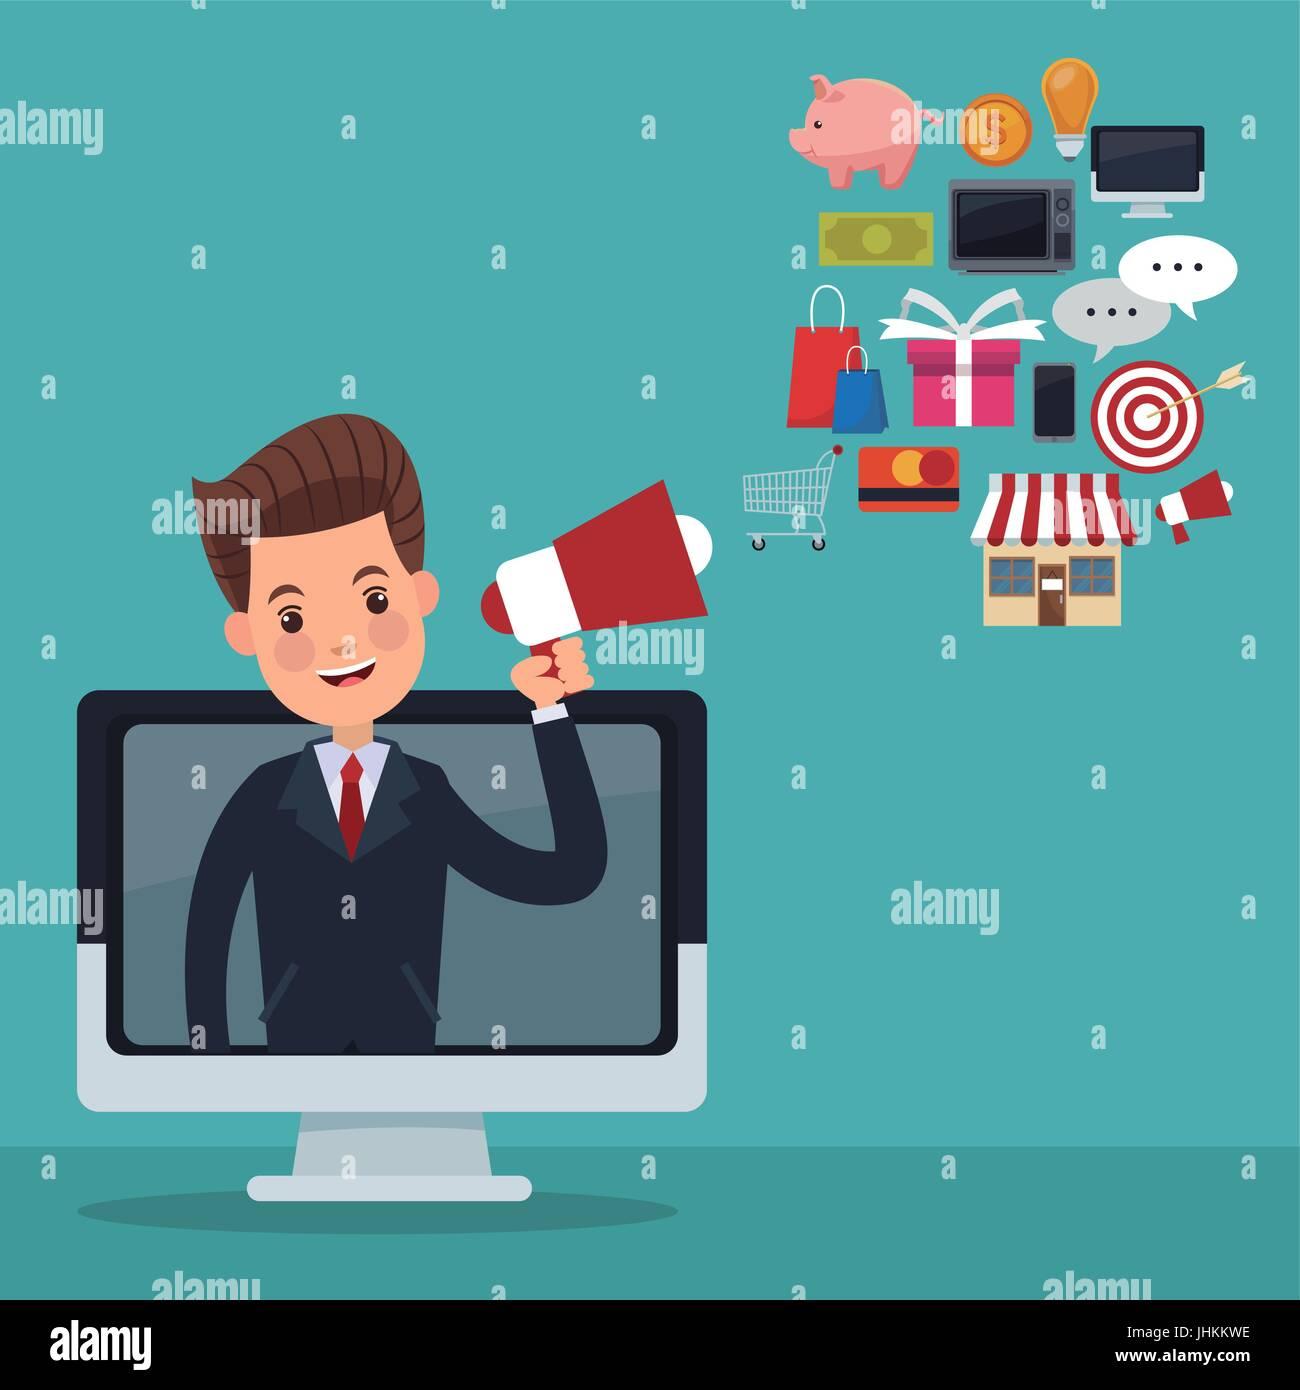 Arrière-plan de couleur sur l'écran de direction avec mégaphone avec articles en ligne flottante Photo Stock